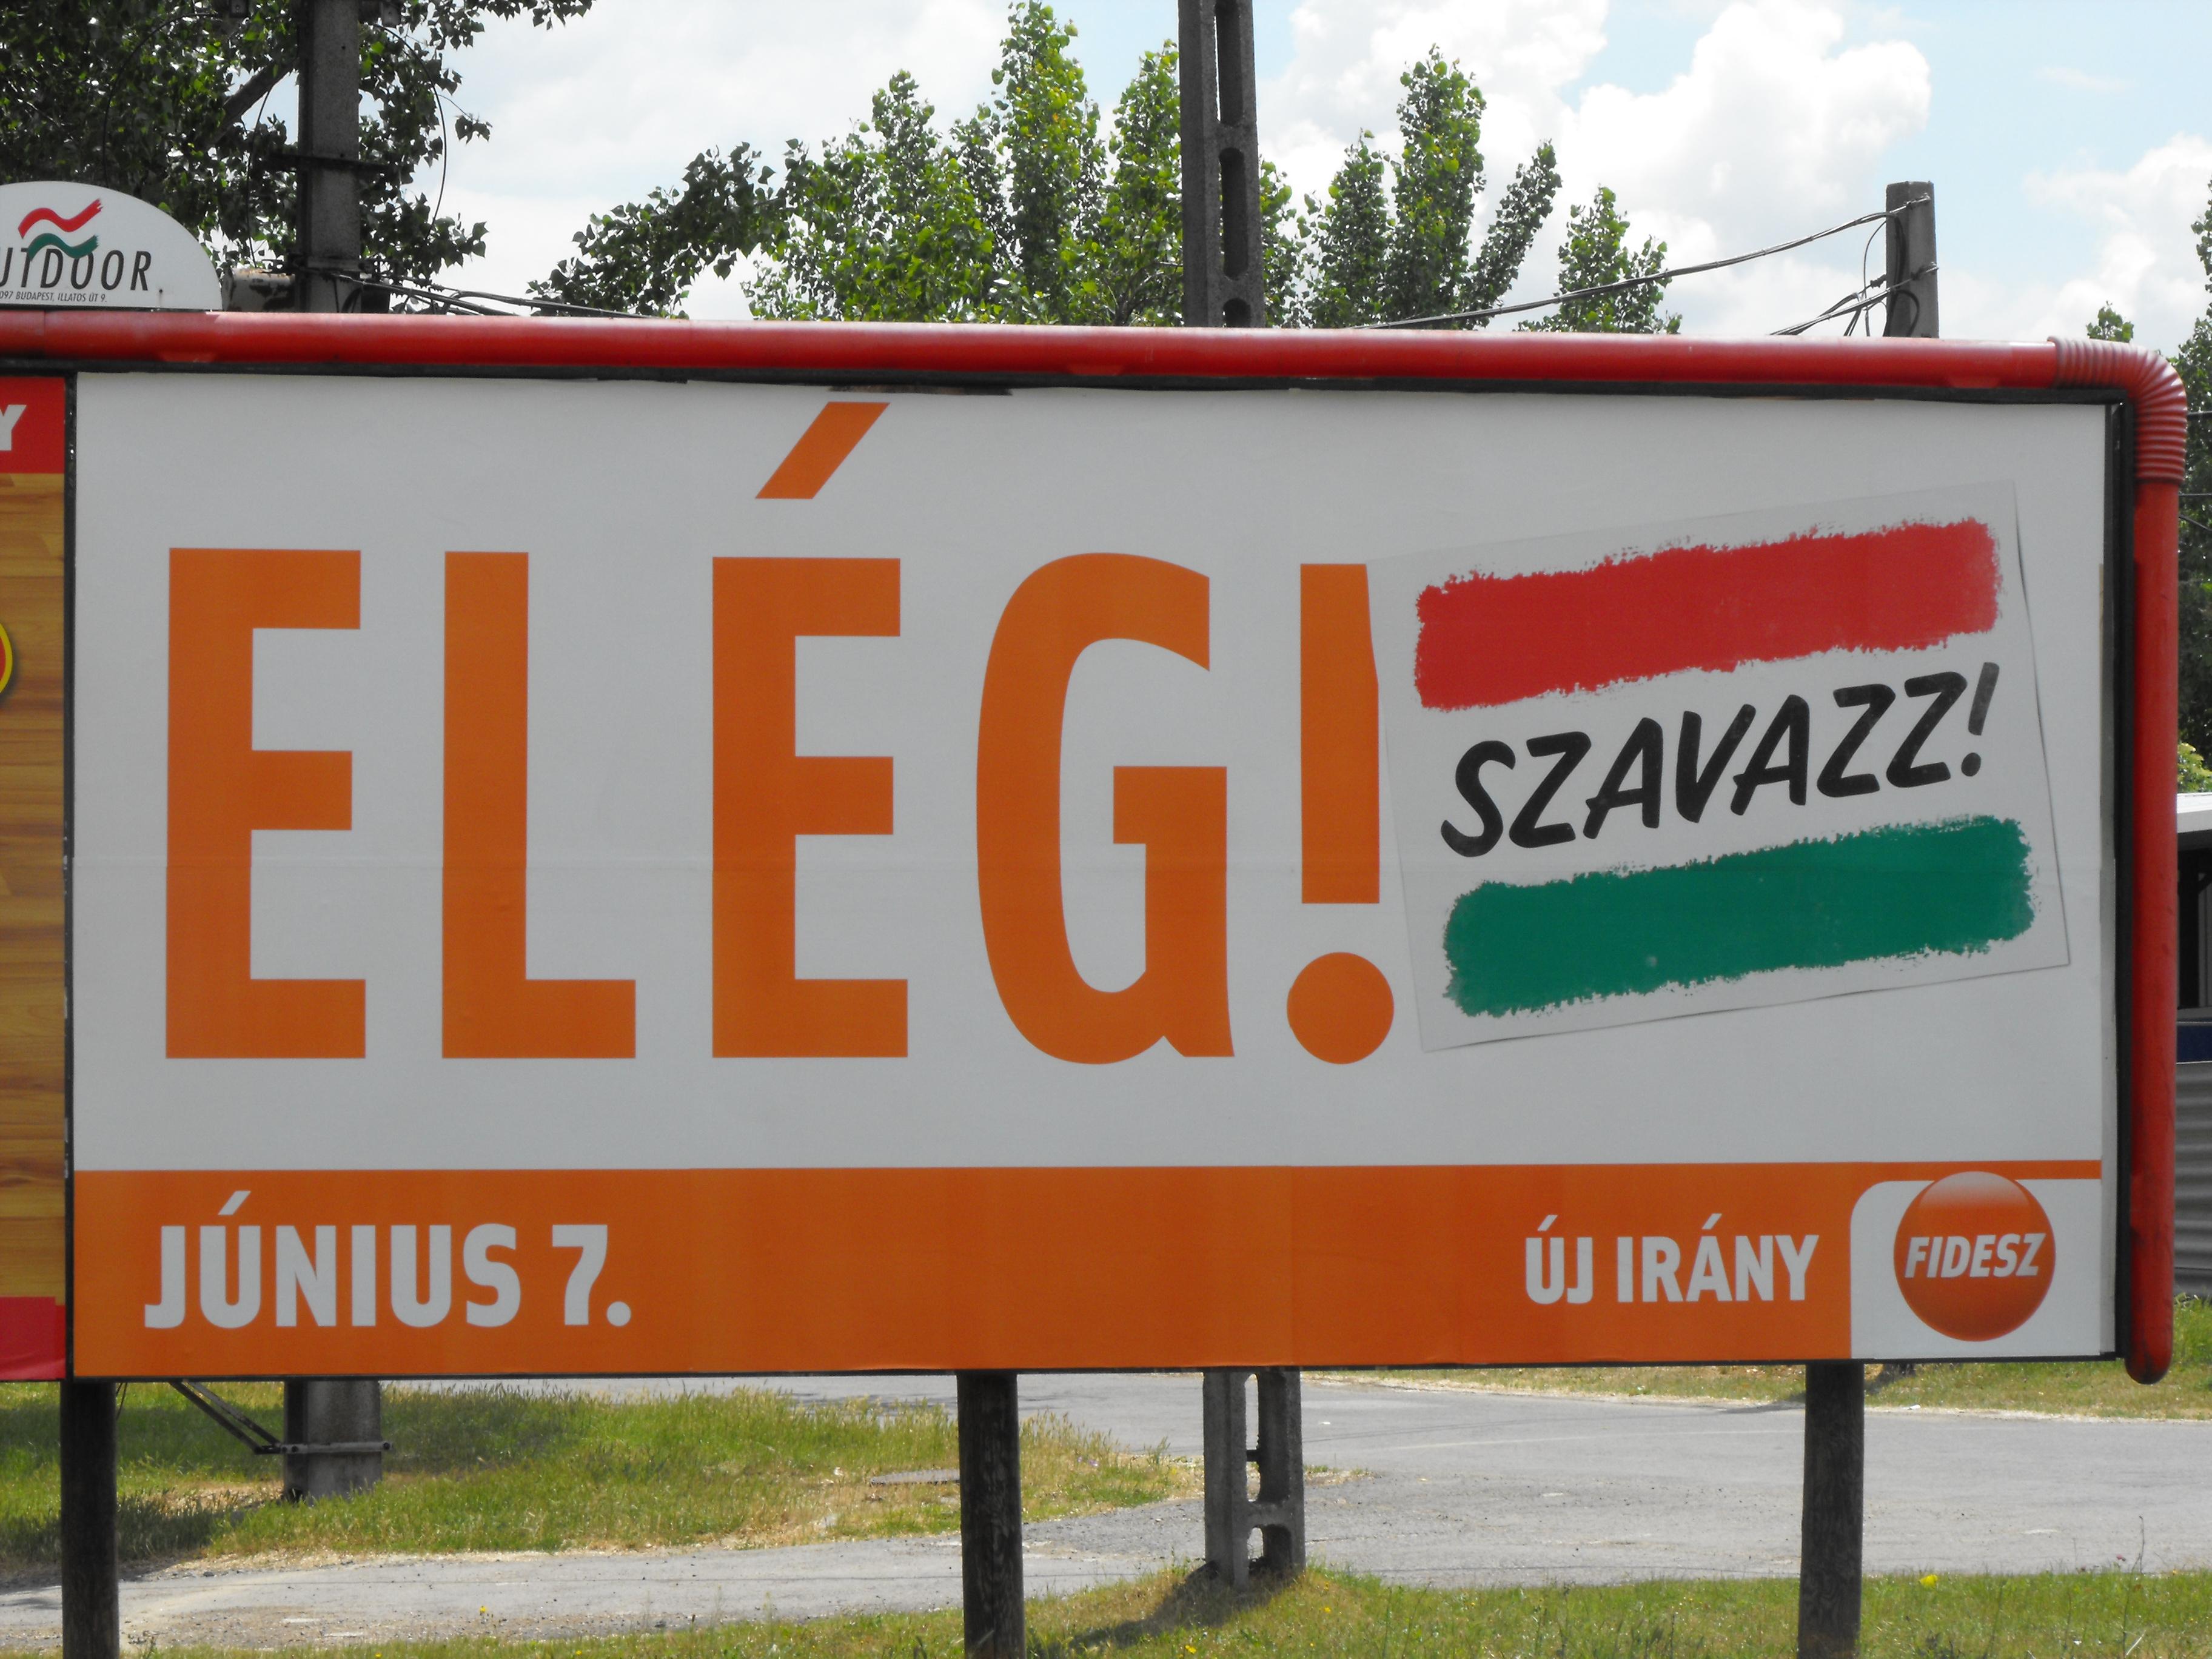 A Fidesz tizenegyéves programját szavaztatná meg az MSZP